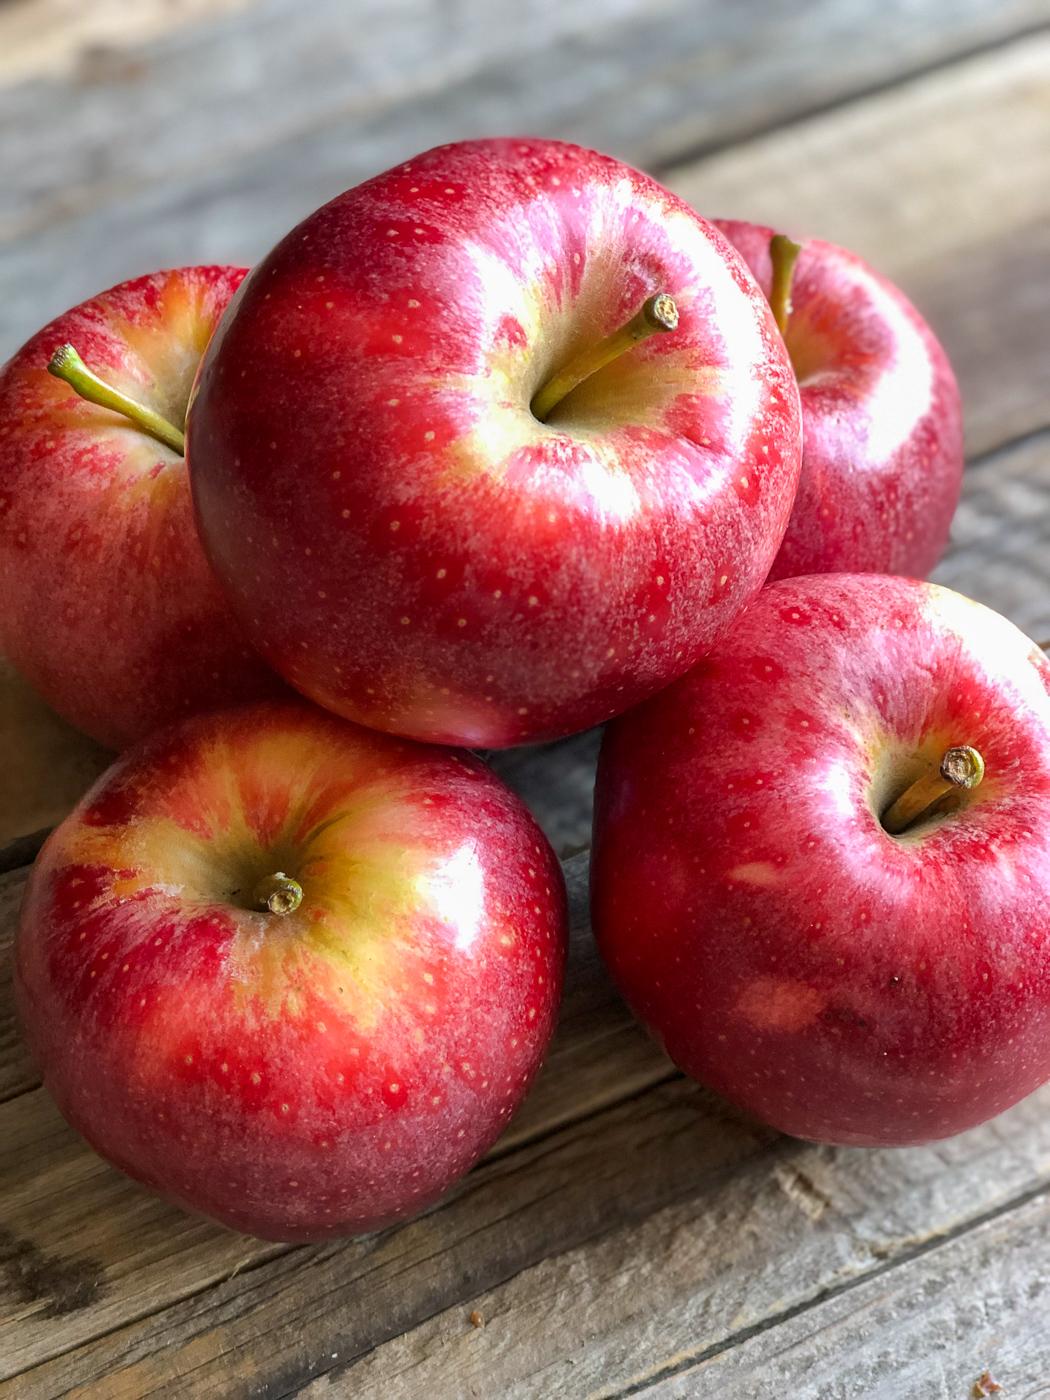 Meet Your Ingredients: Gala Apples